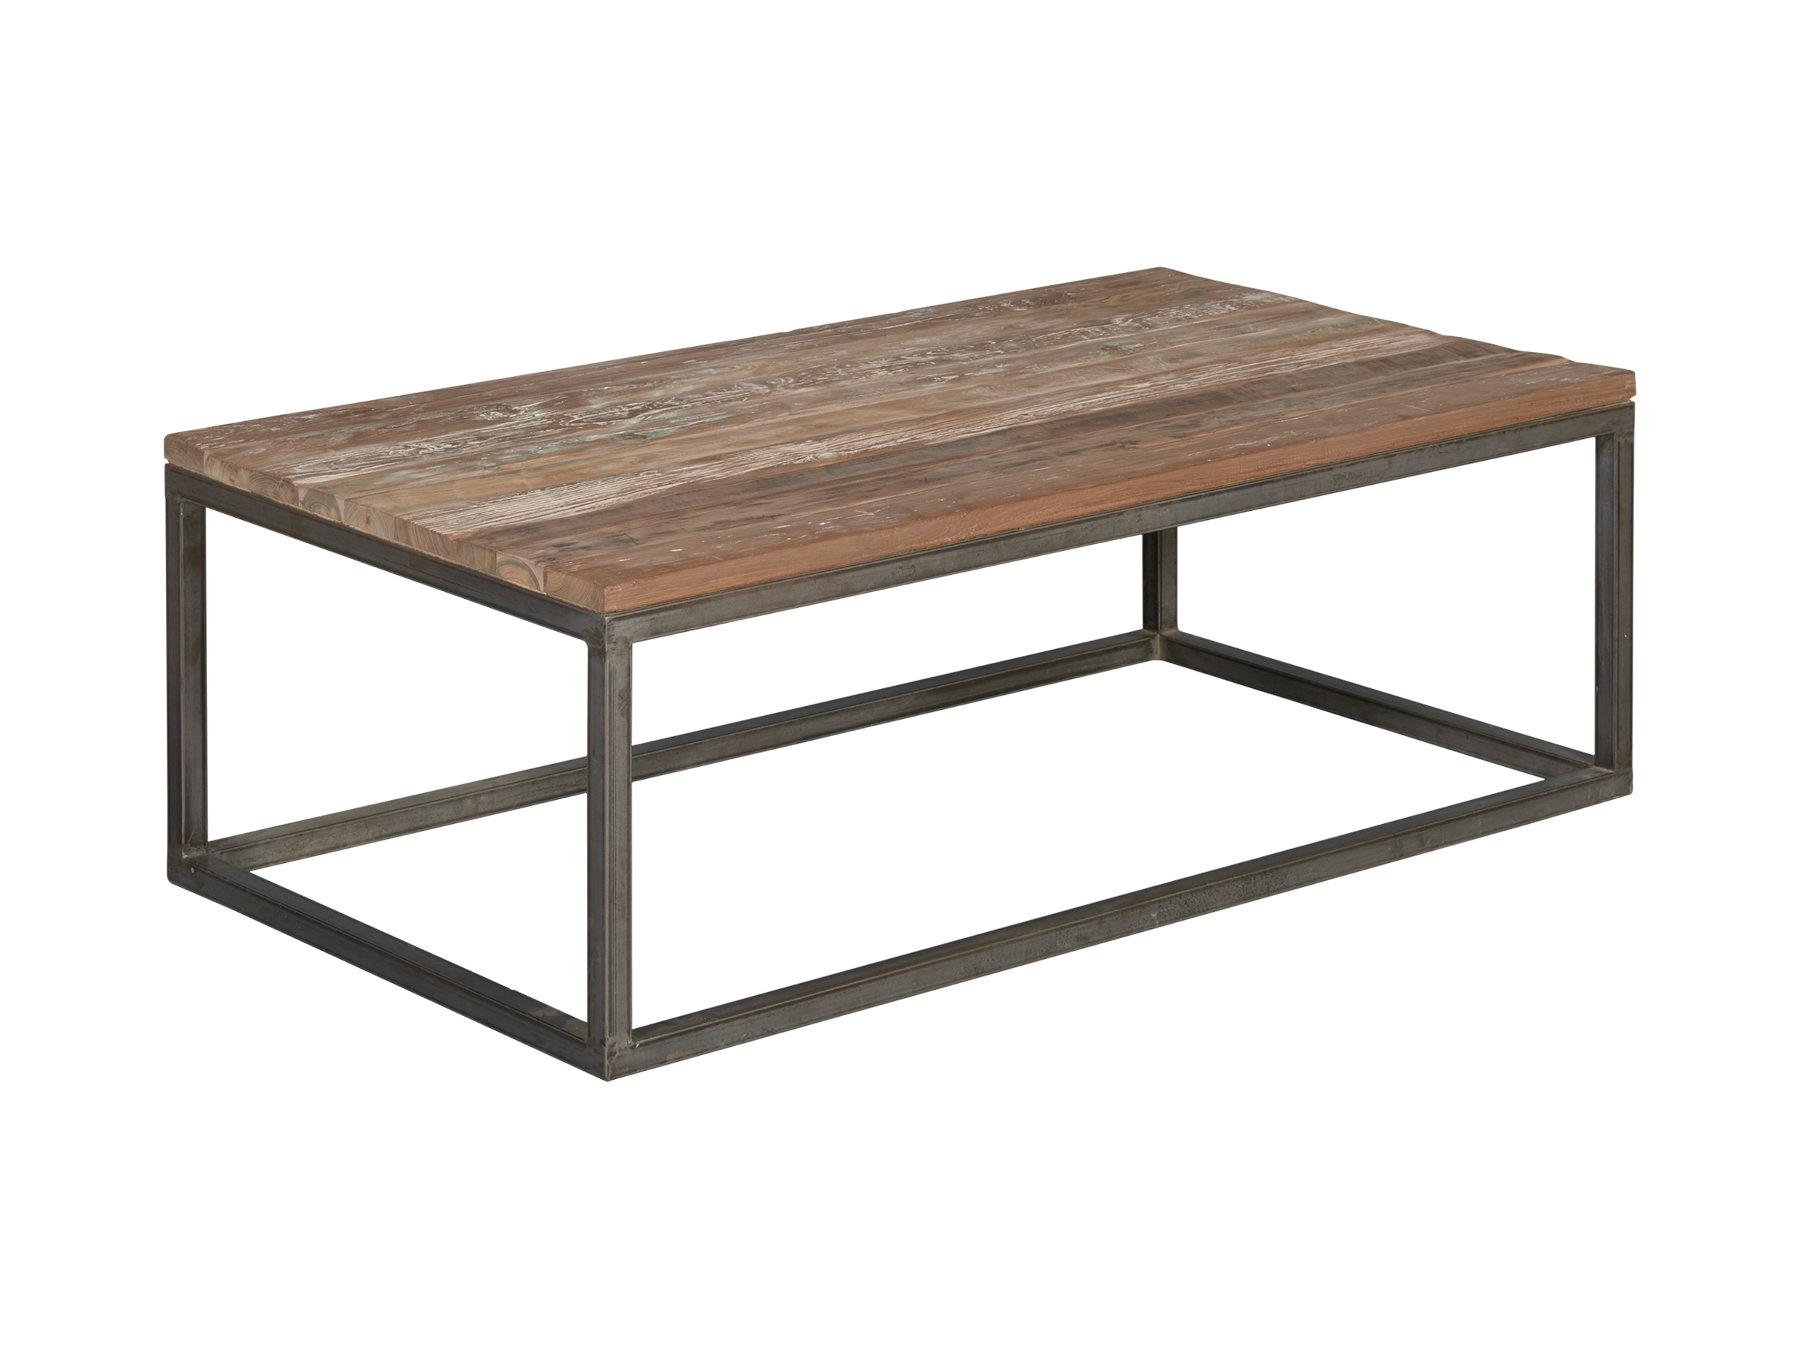 24designs ovale salontafel jassmin 135 x 75 cm wit aanbieding kopen - Salontafel ...